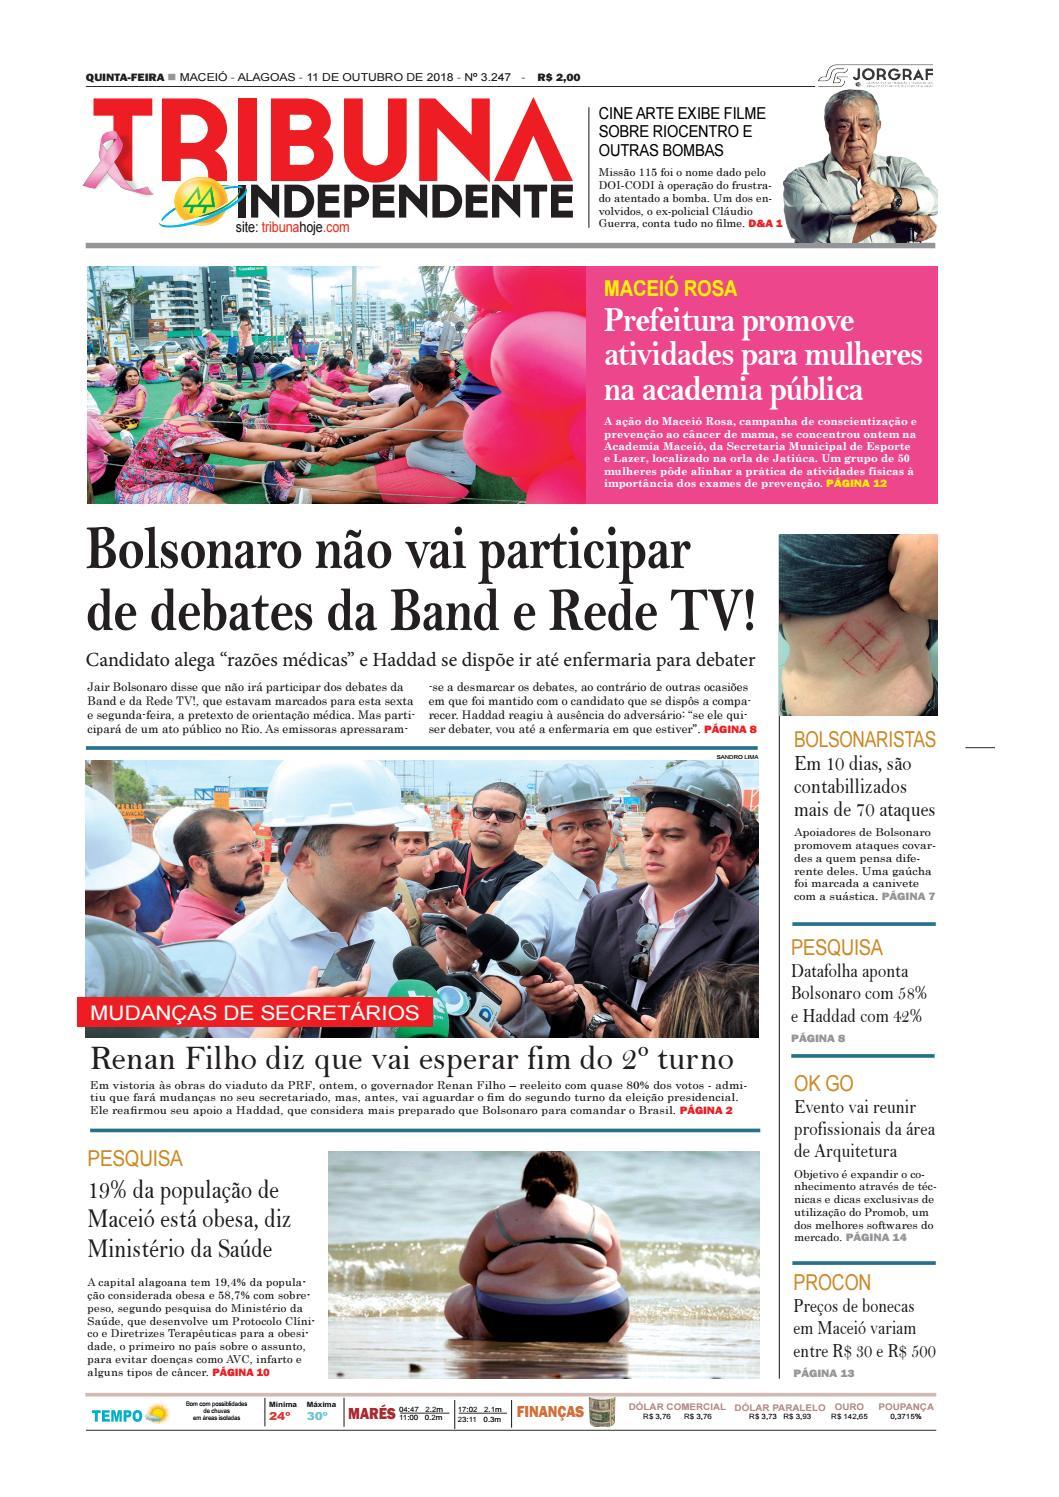 62a9ba19a Edição número 3247 - 11 de outubro de 2018 by Tribuna Hoje - issuu